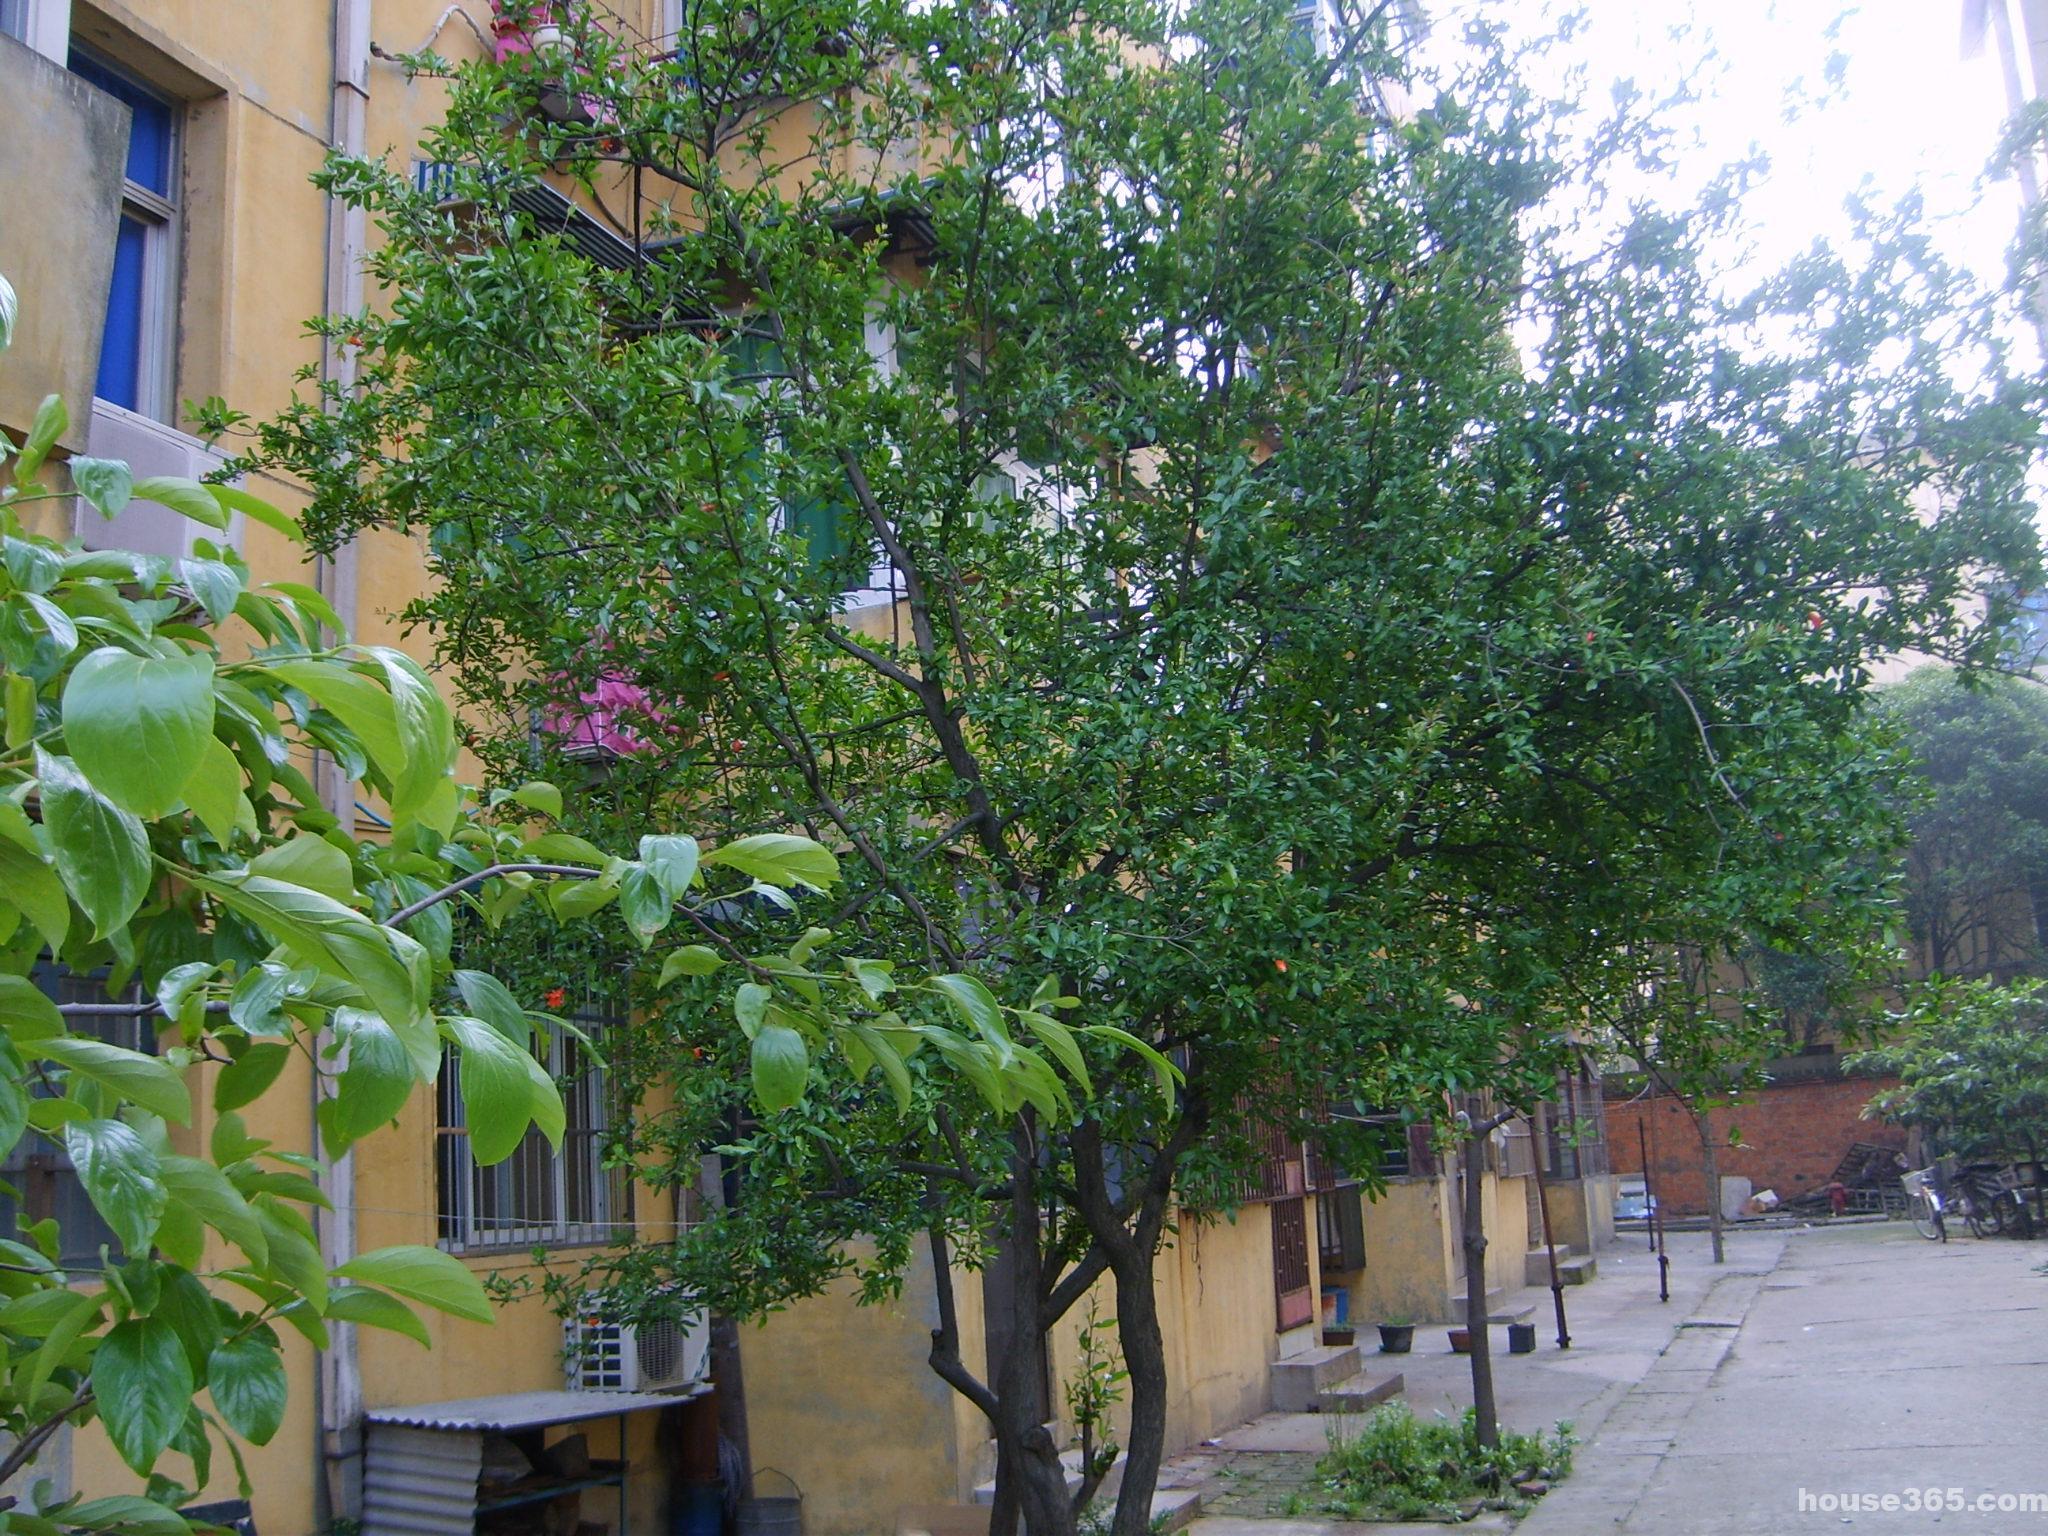 宿舍装饰画大树